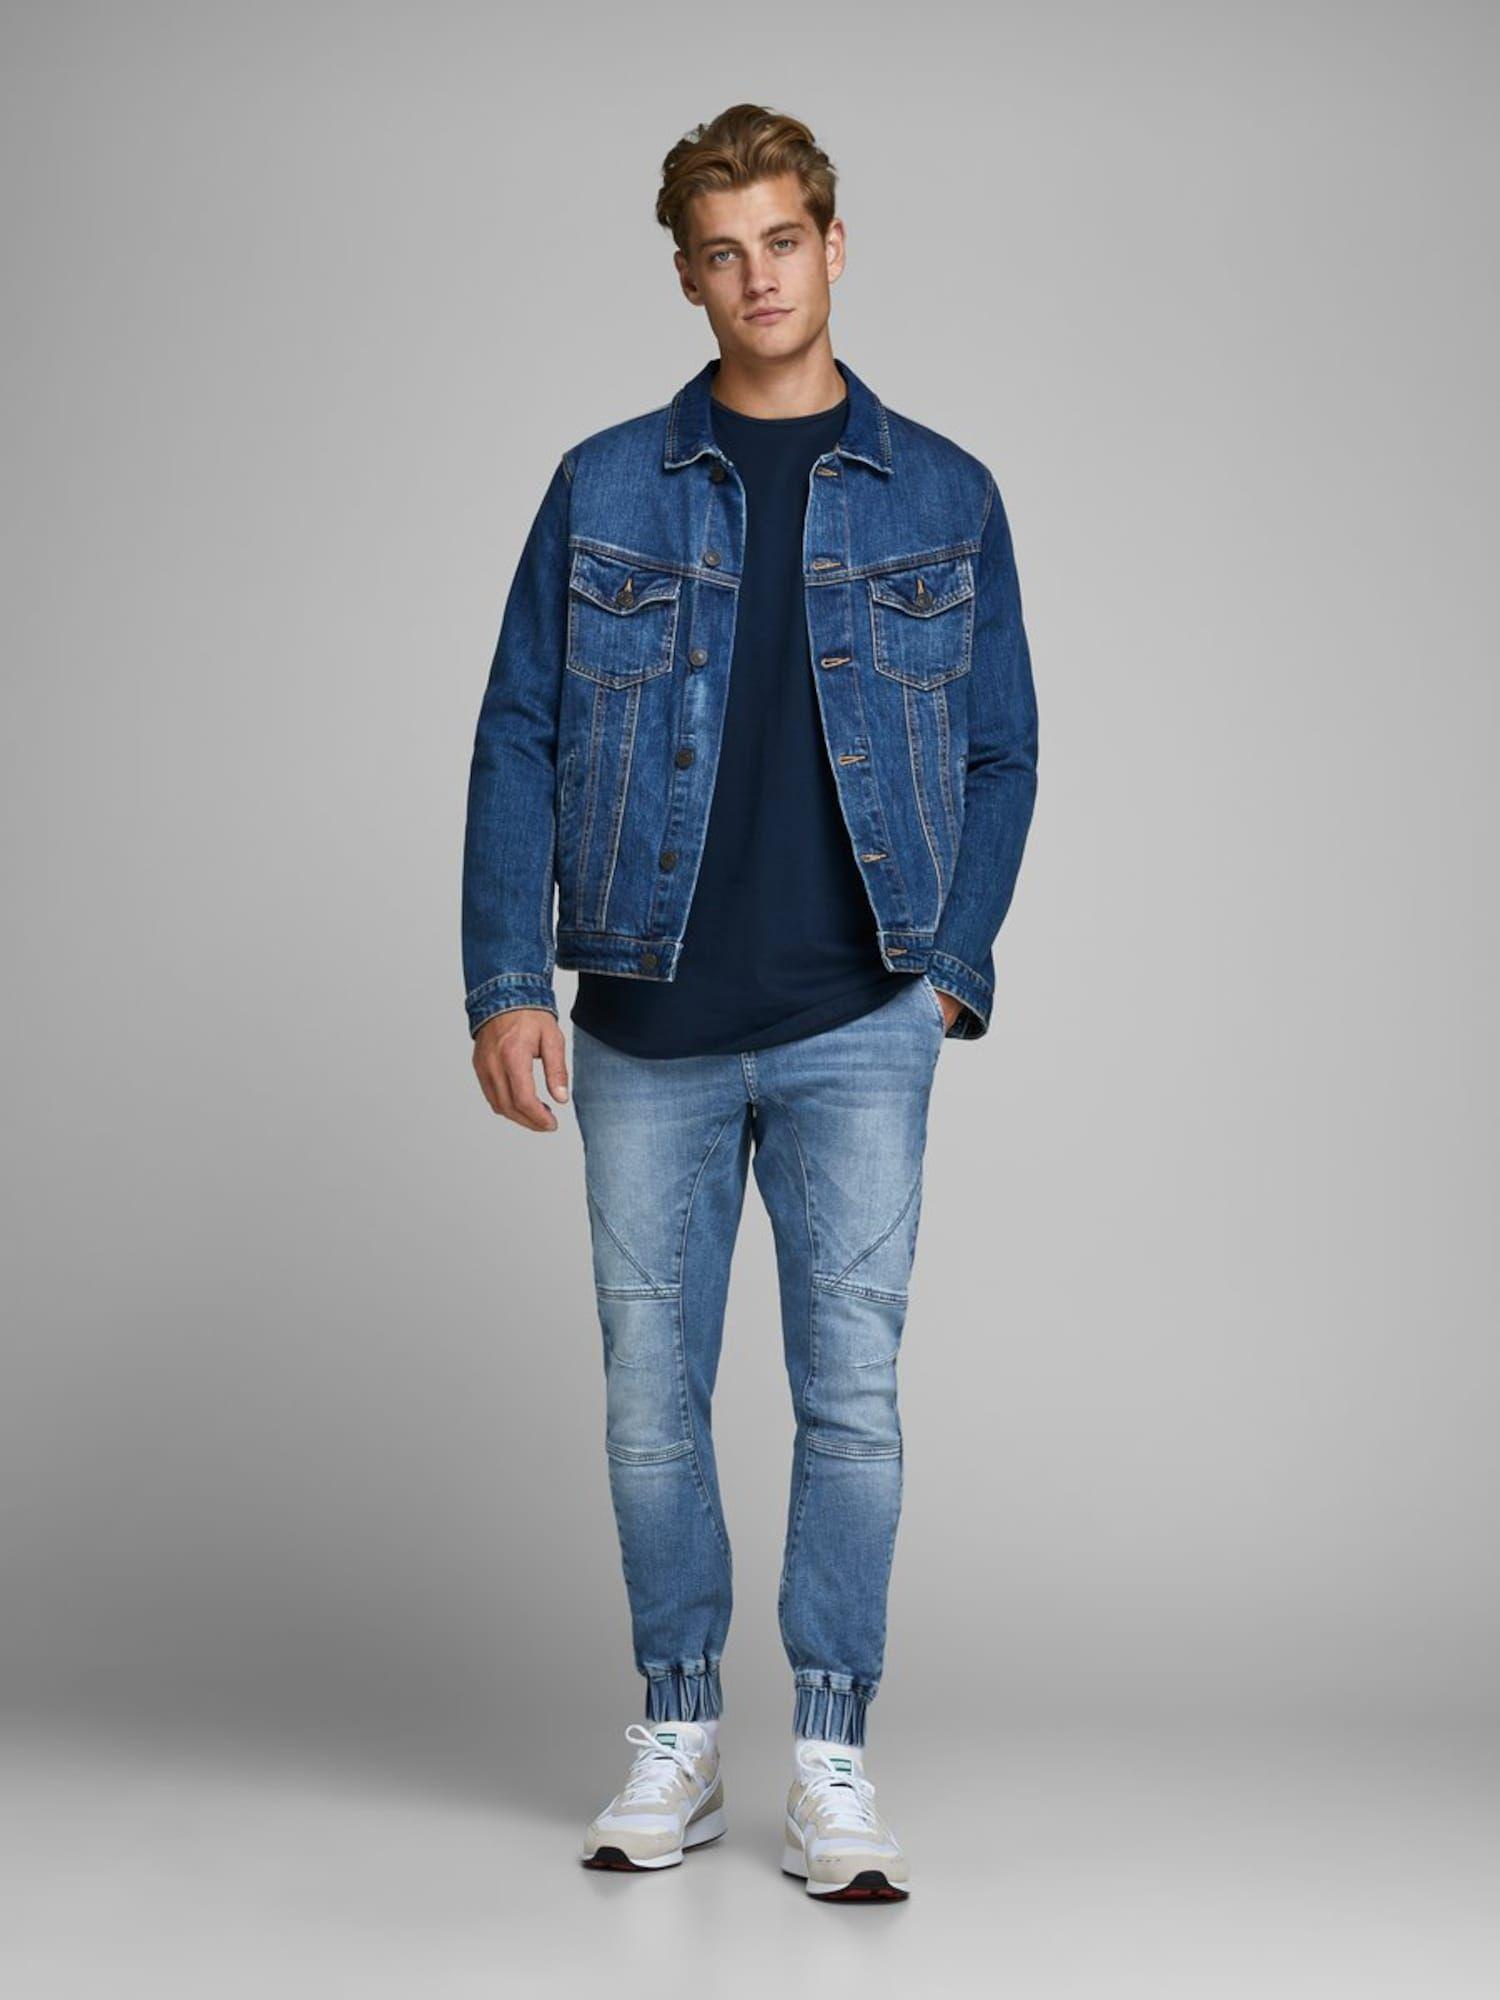 JACK & JONES Jeans in blue denim #jeanjacketoutfits